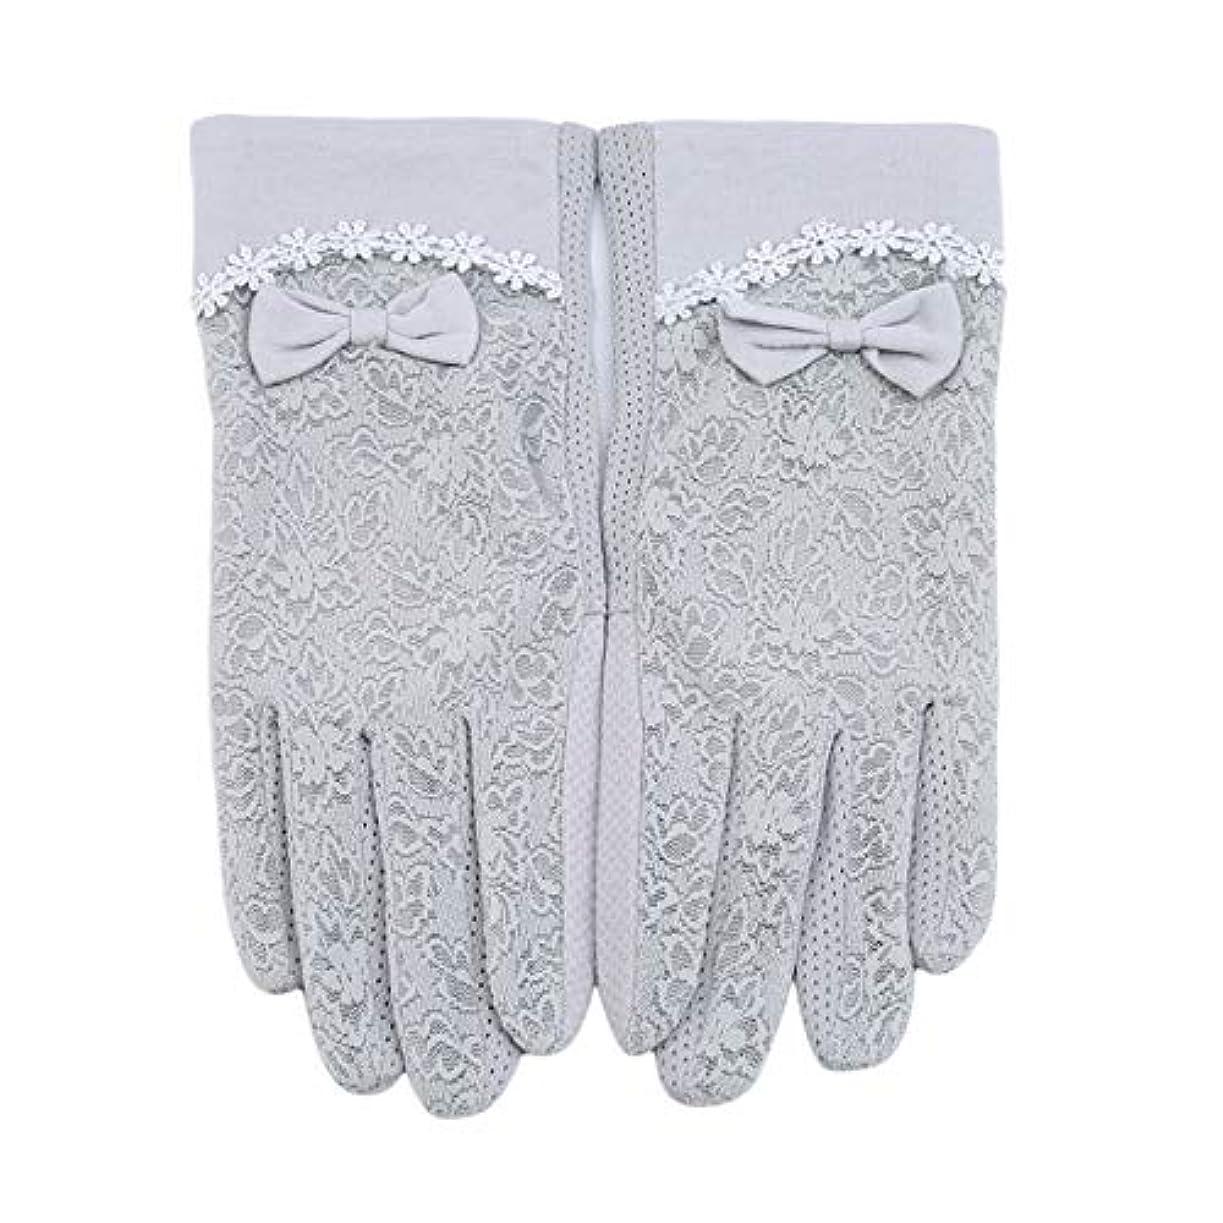 薄いです外交鮫MODMHB 手袋 UVカット 手触りが良い 紫外線カット 日焼け防止 ハンド ケア 手荒い対策 保湿 保護 抗菌 防臭